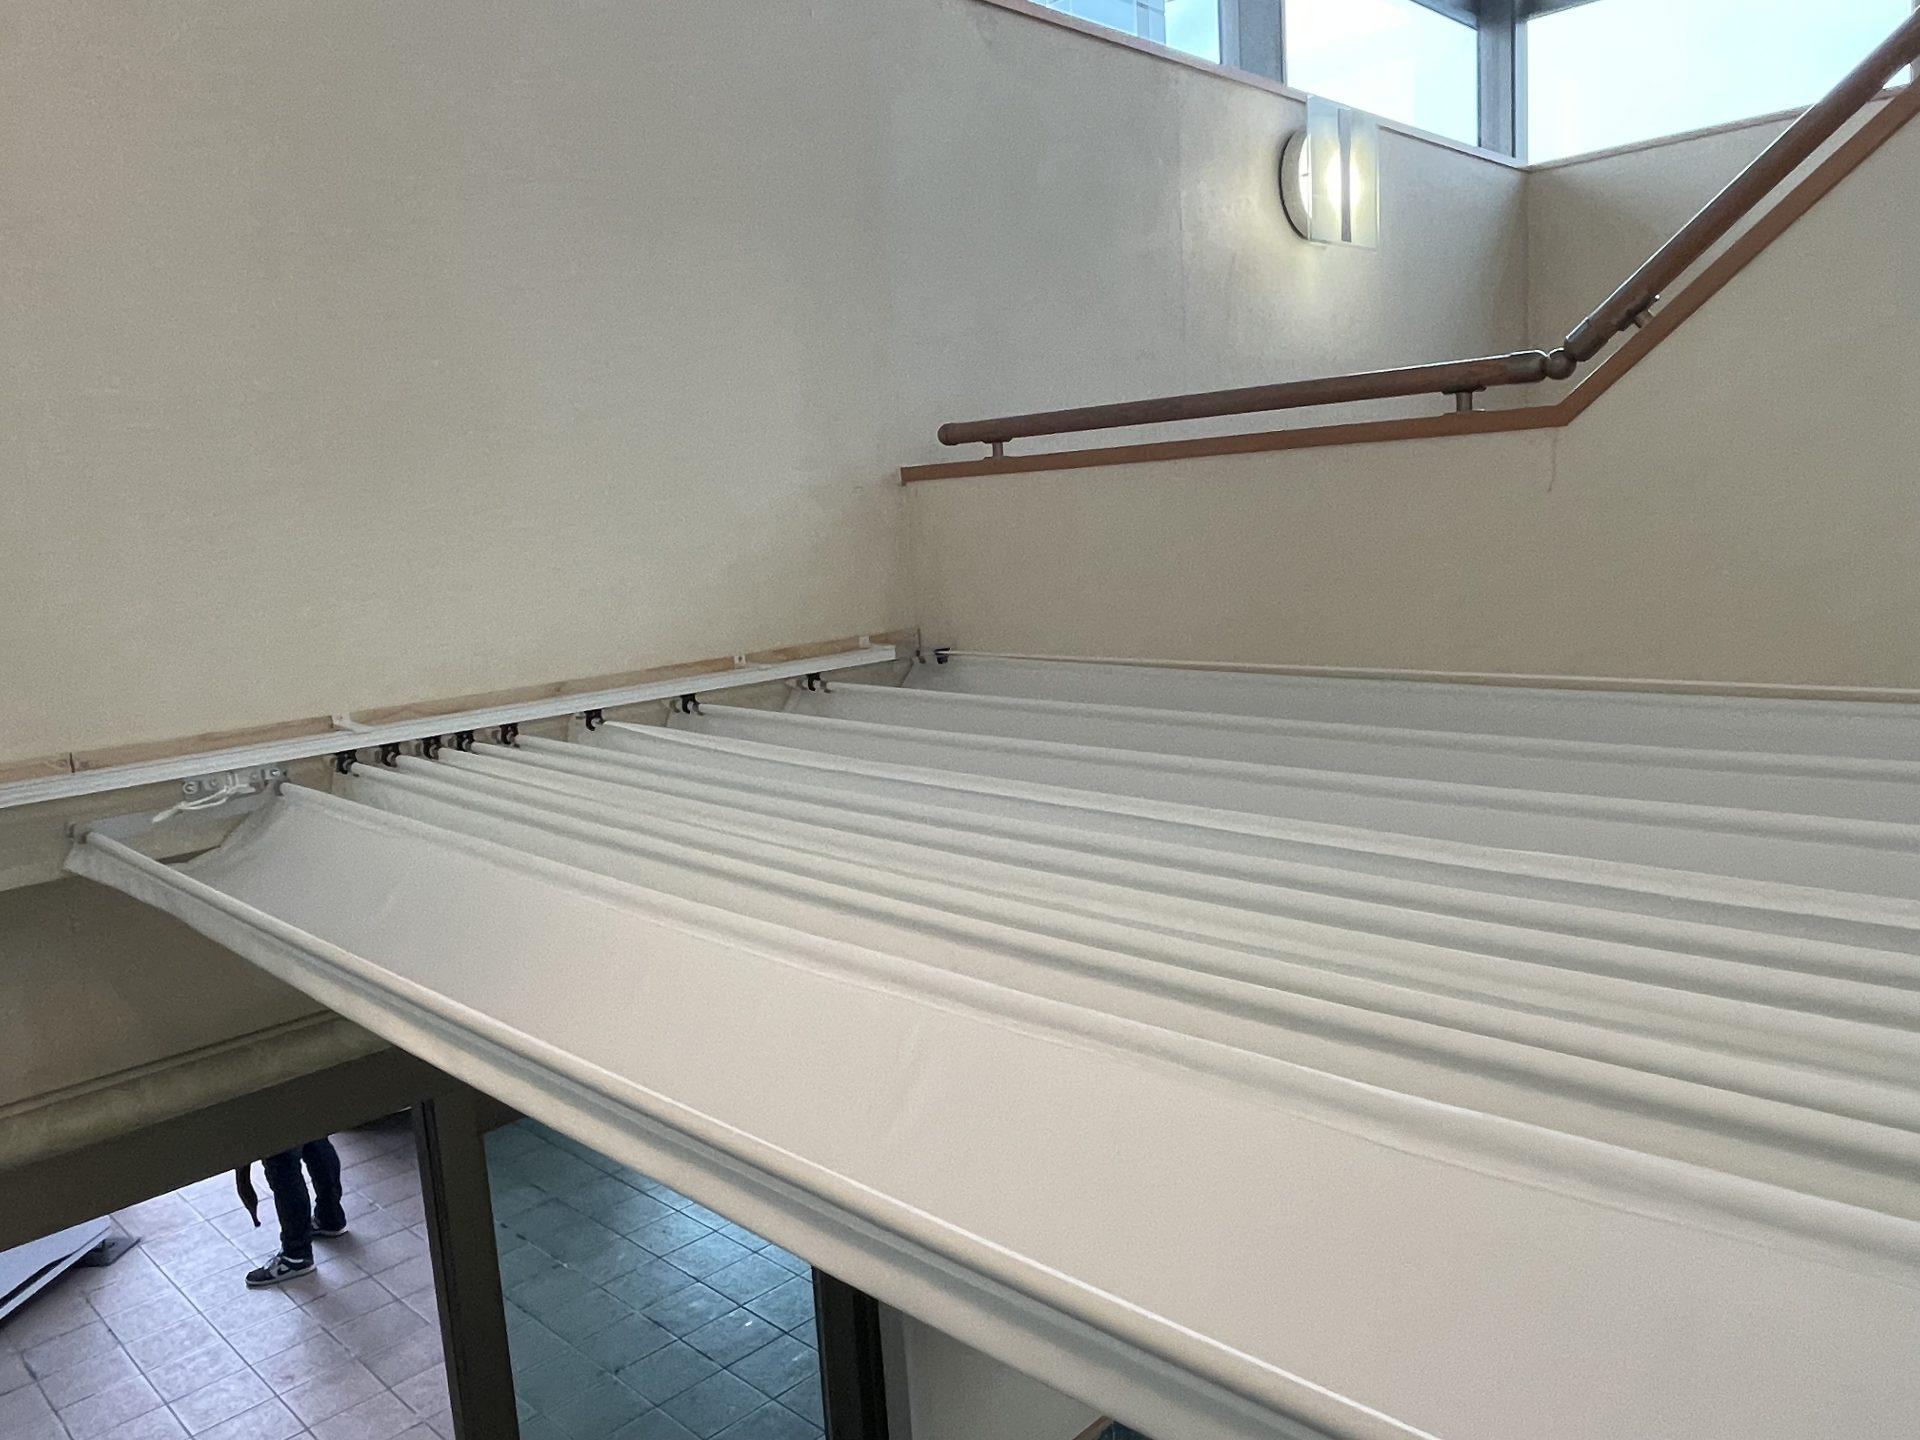 風除室に天幕カーテン・紐引き式